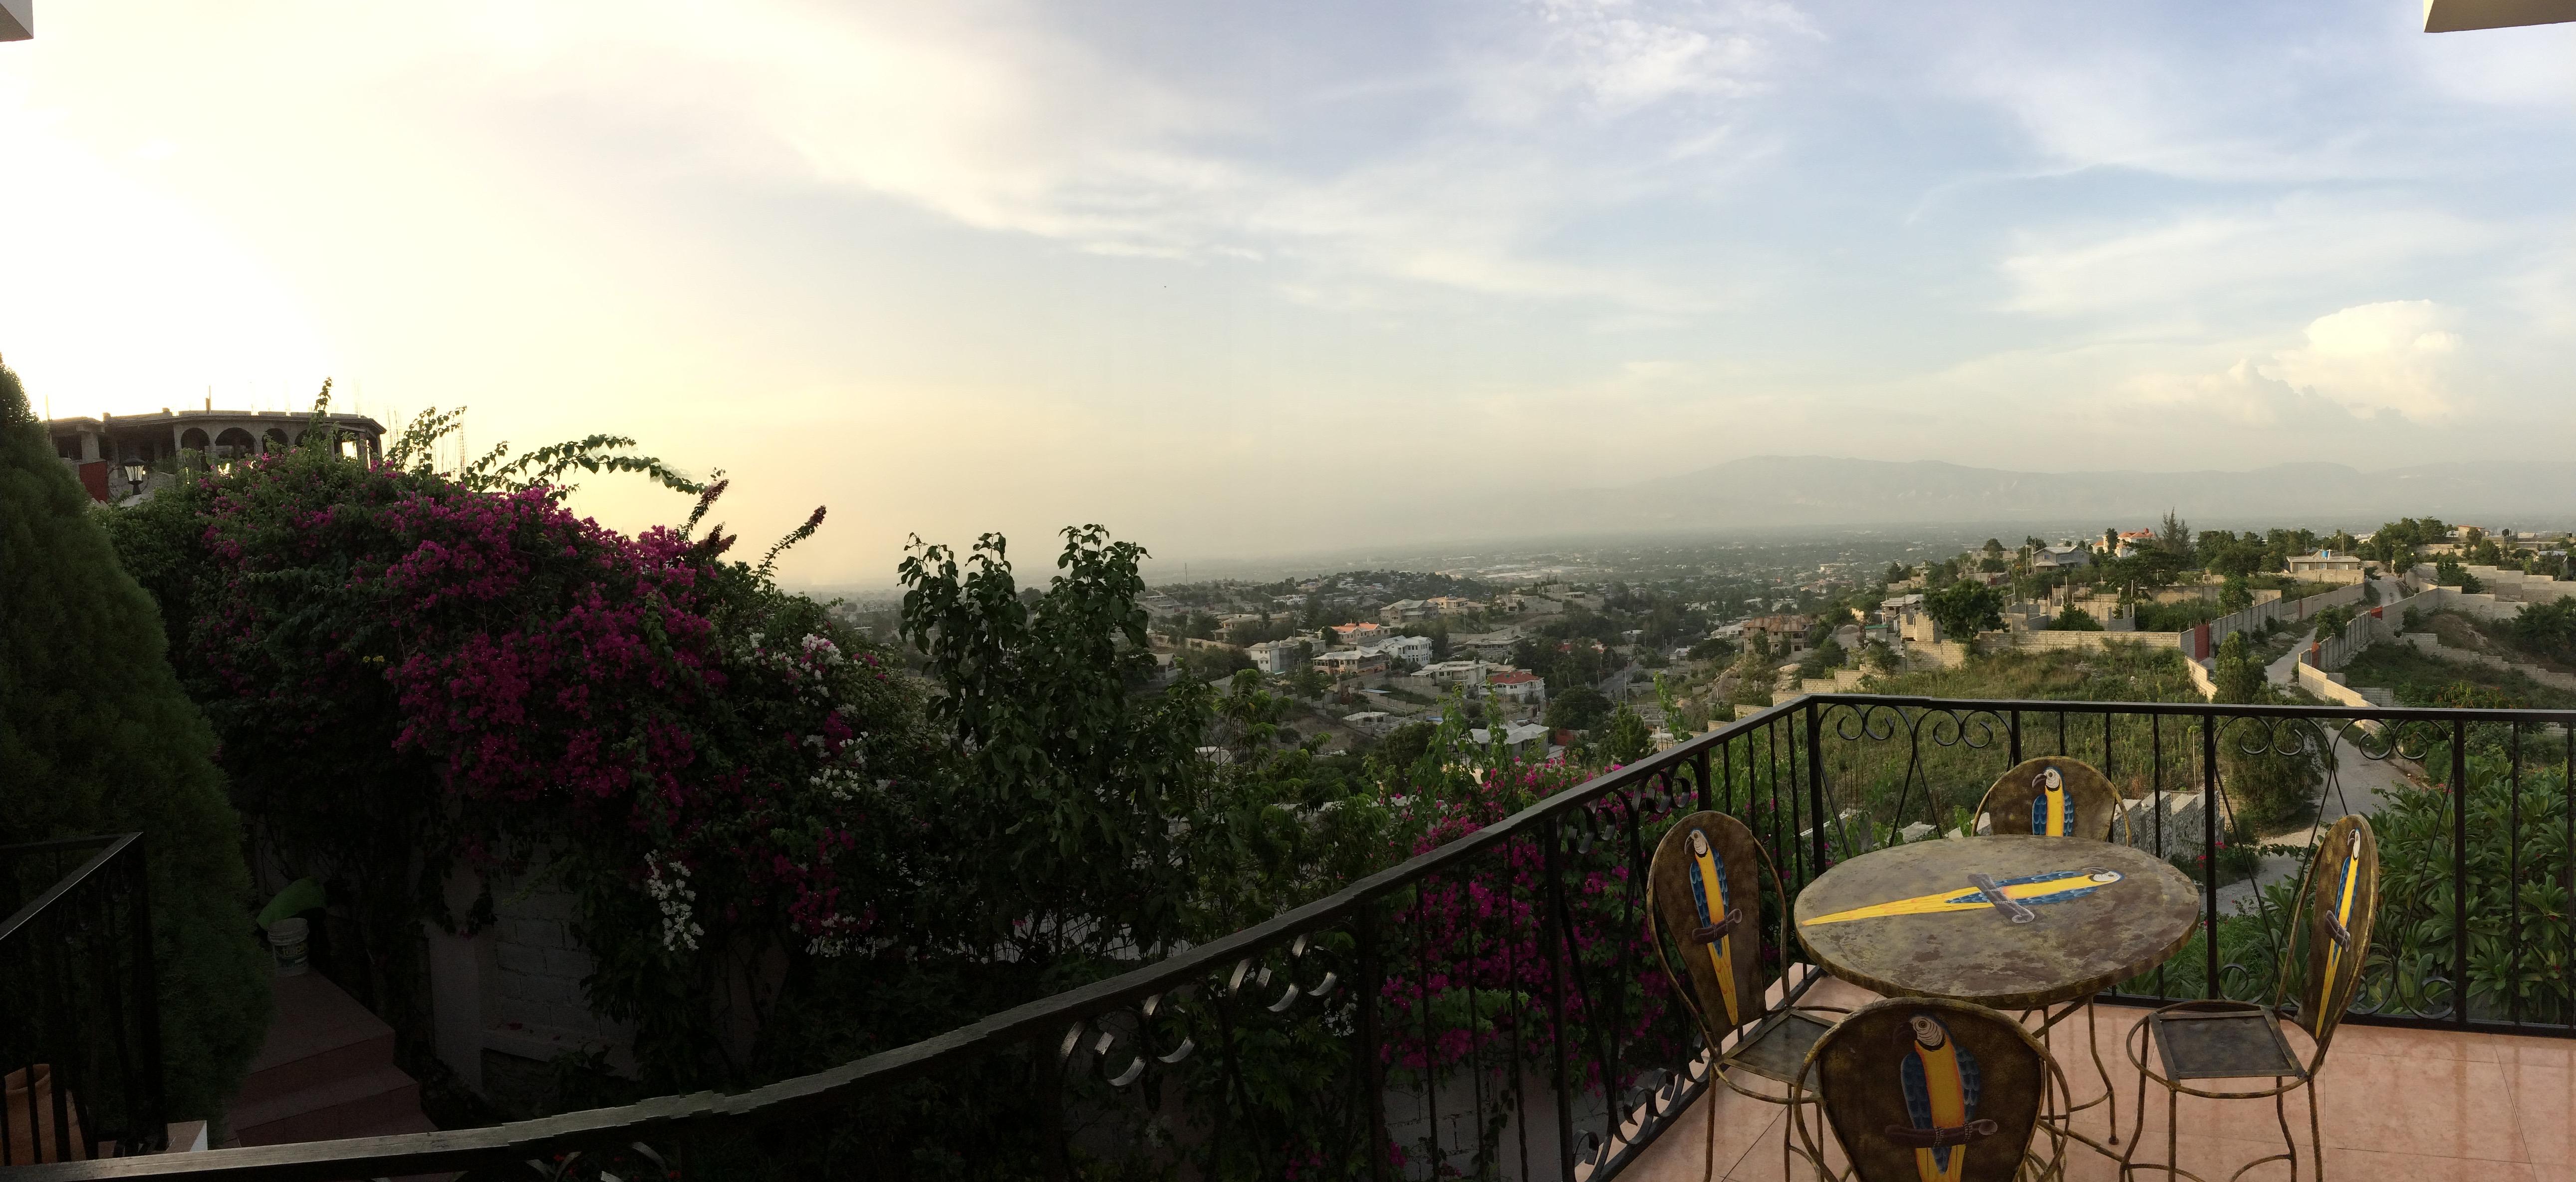 View from Karibuni in Haiti